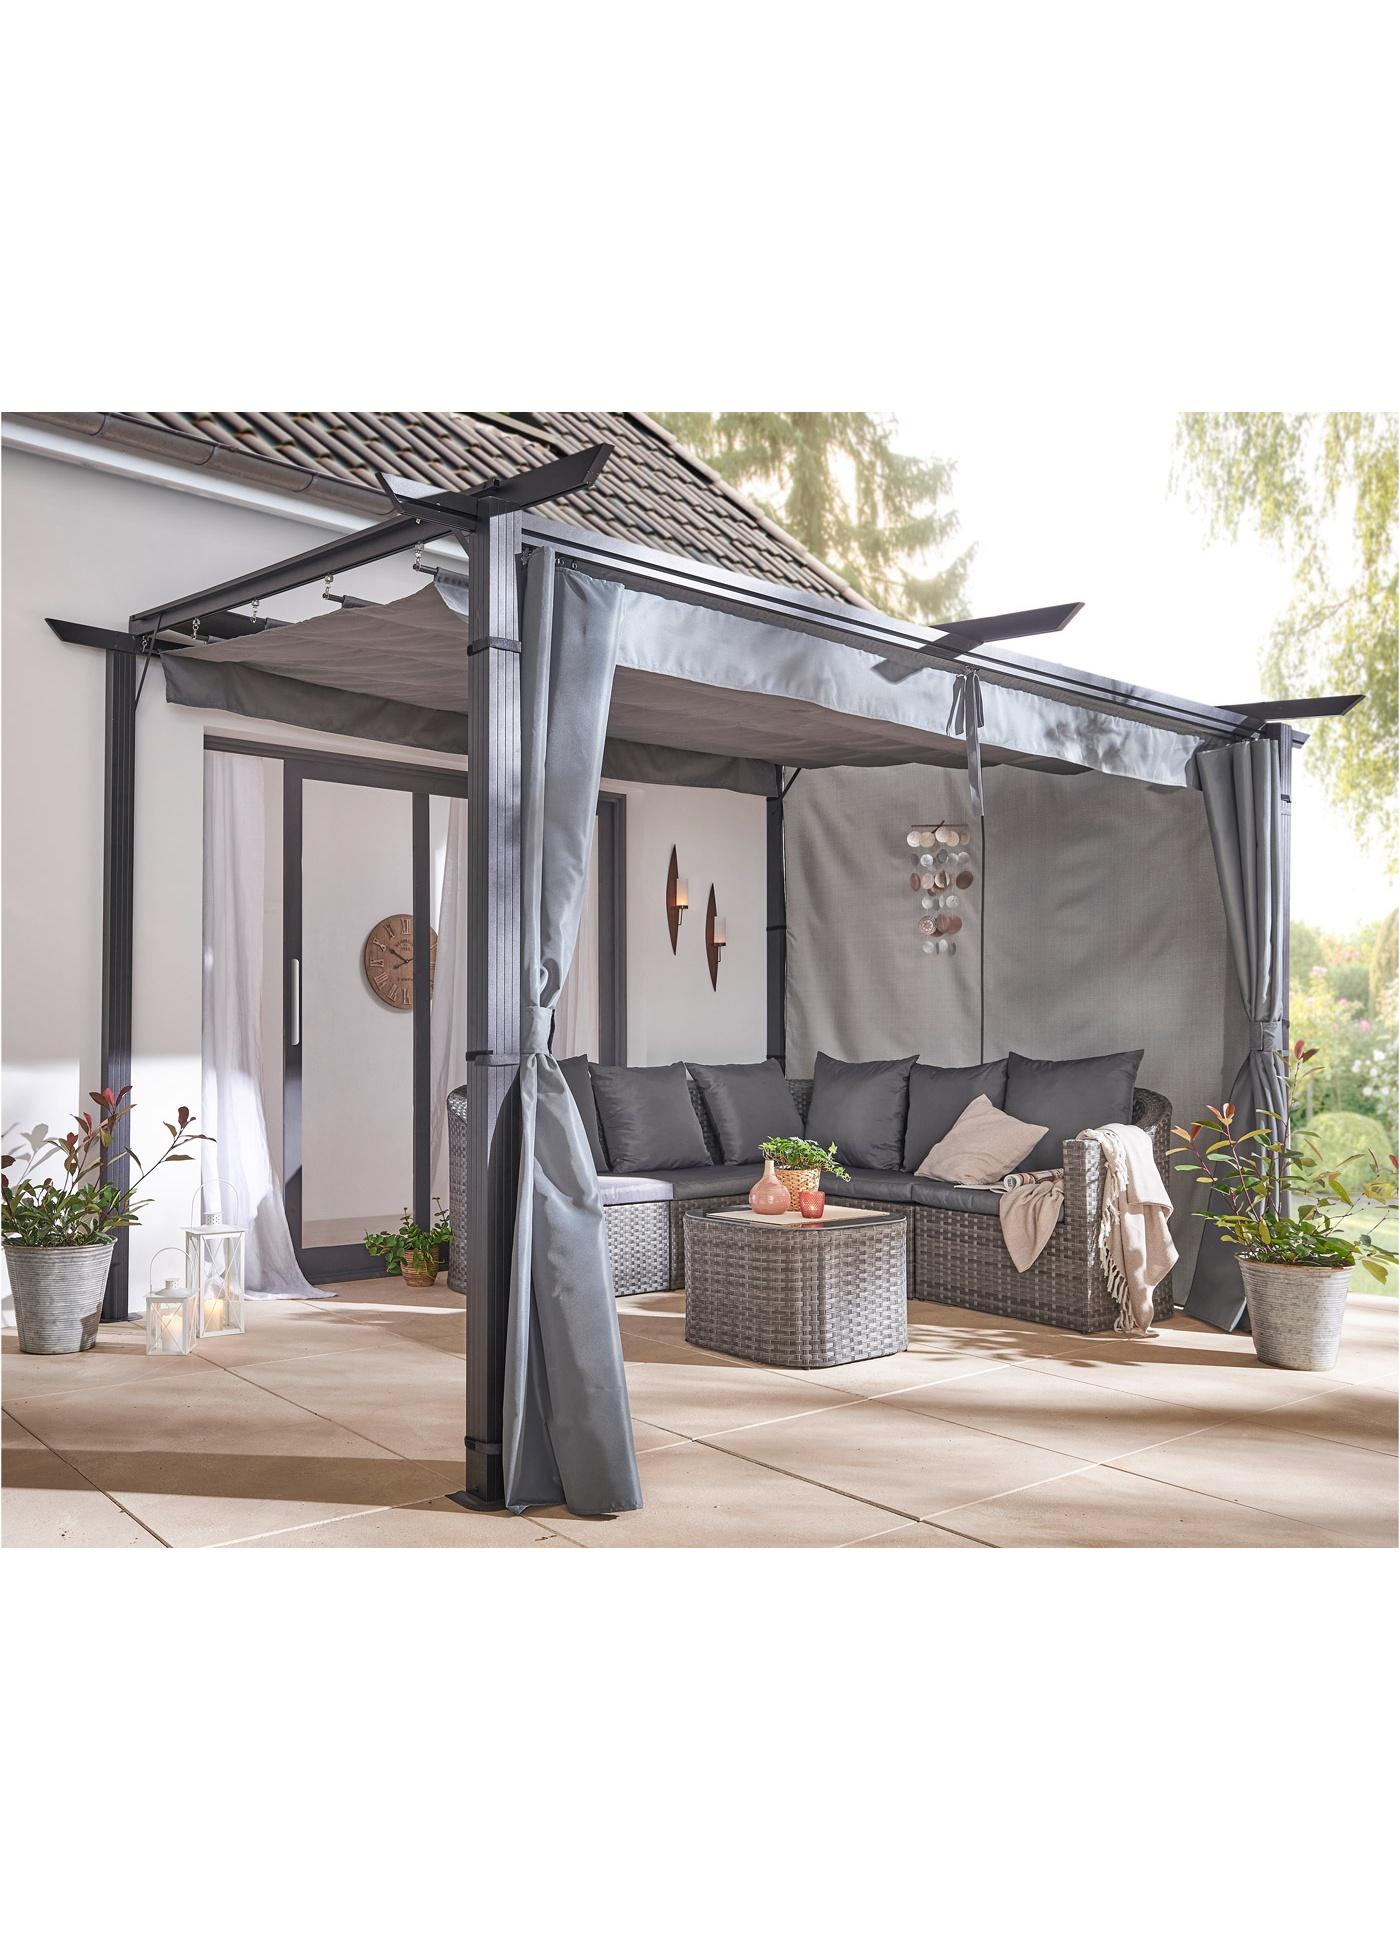 Pavillon open air zur Wandbefestigung